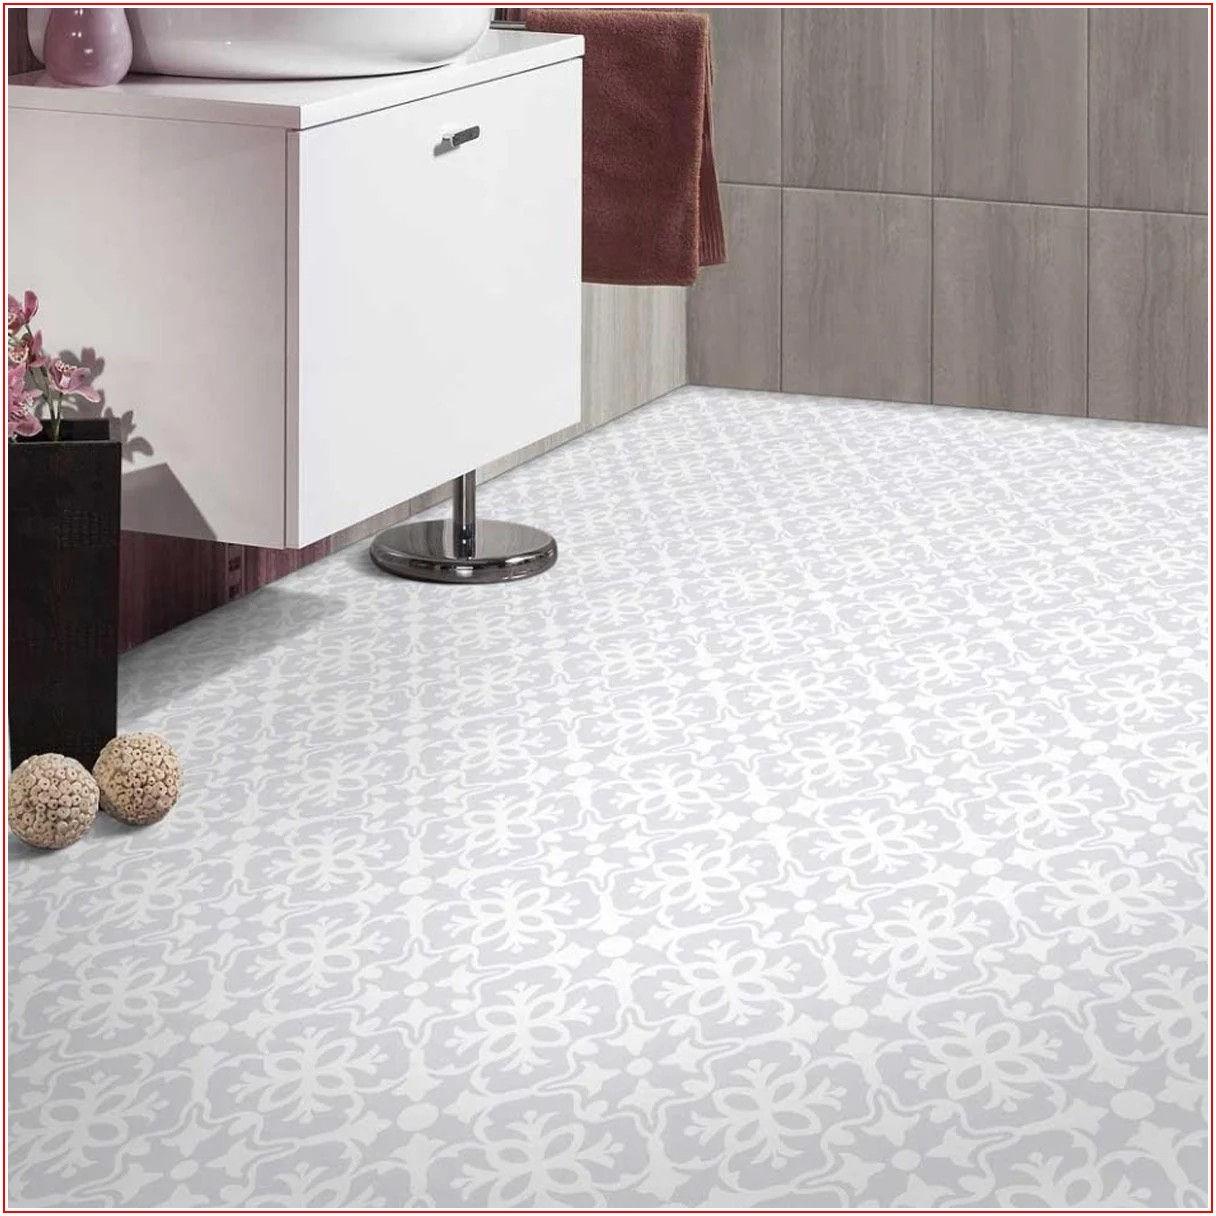 Linoleum Sheet Flooring Home Depot